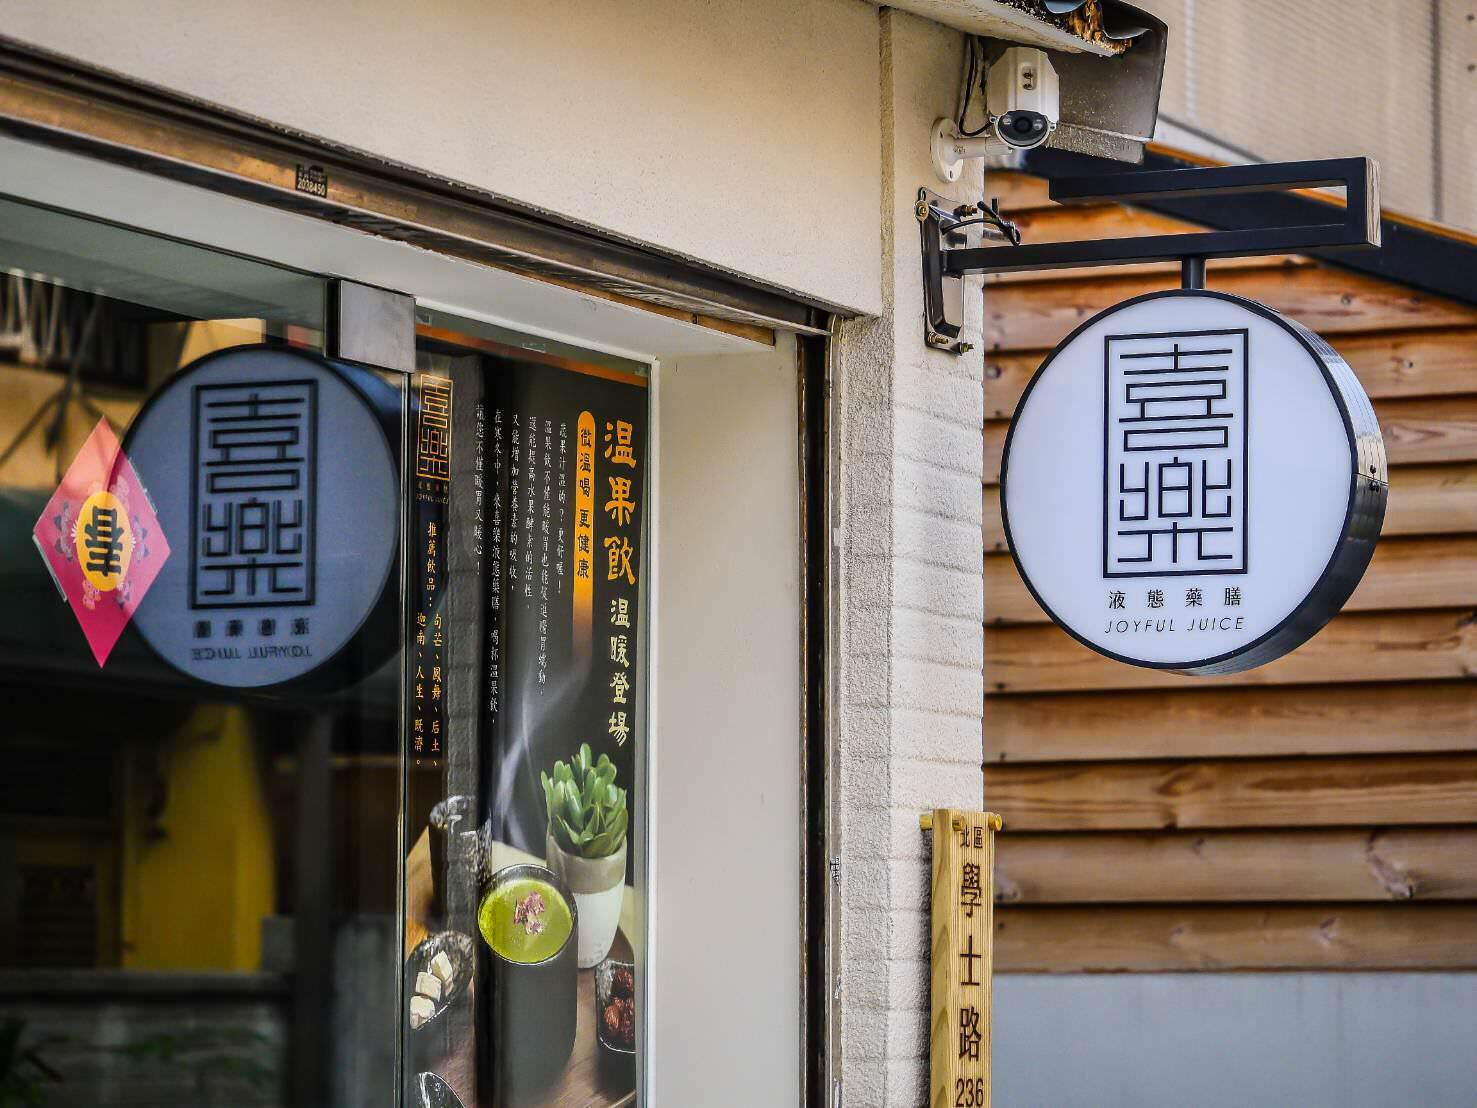 台中學士店暫停營業公告